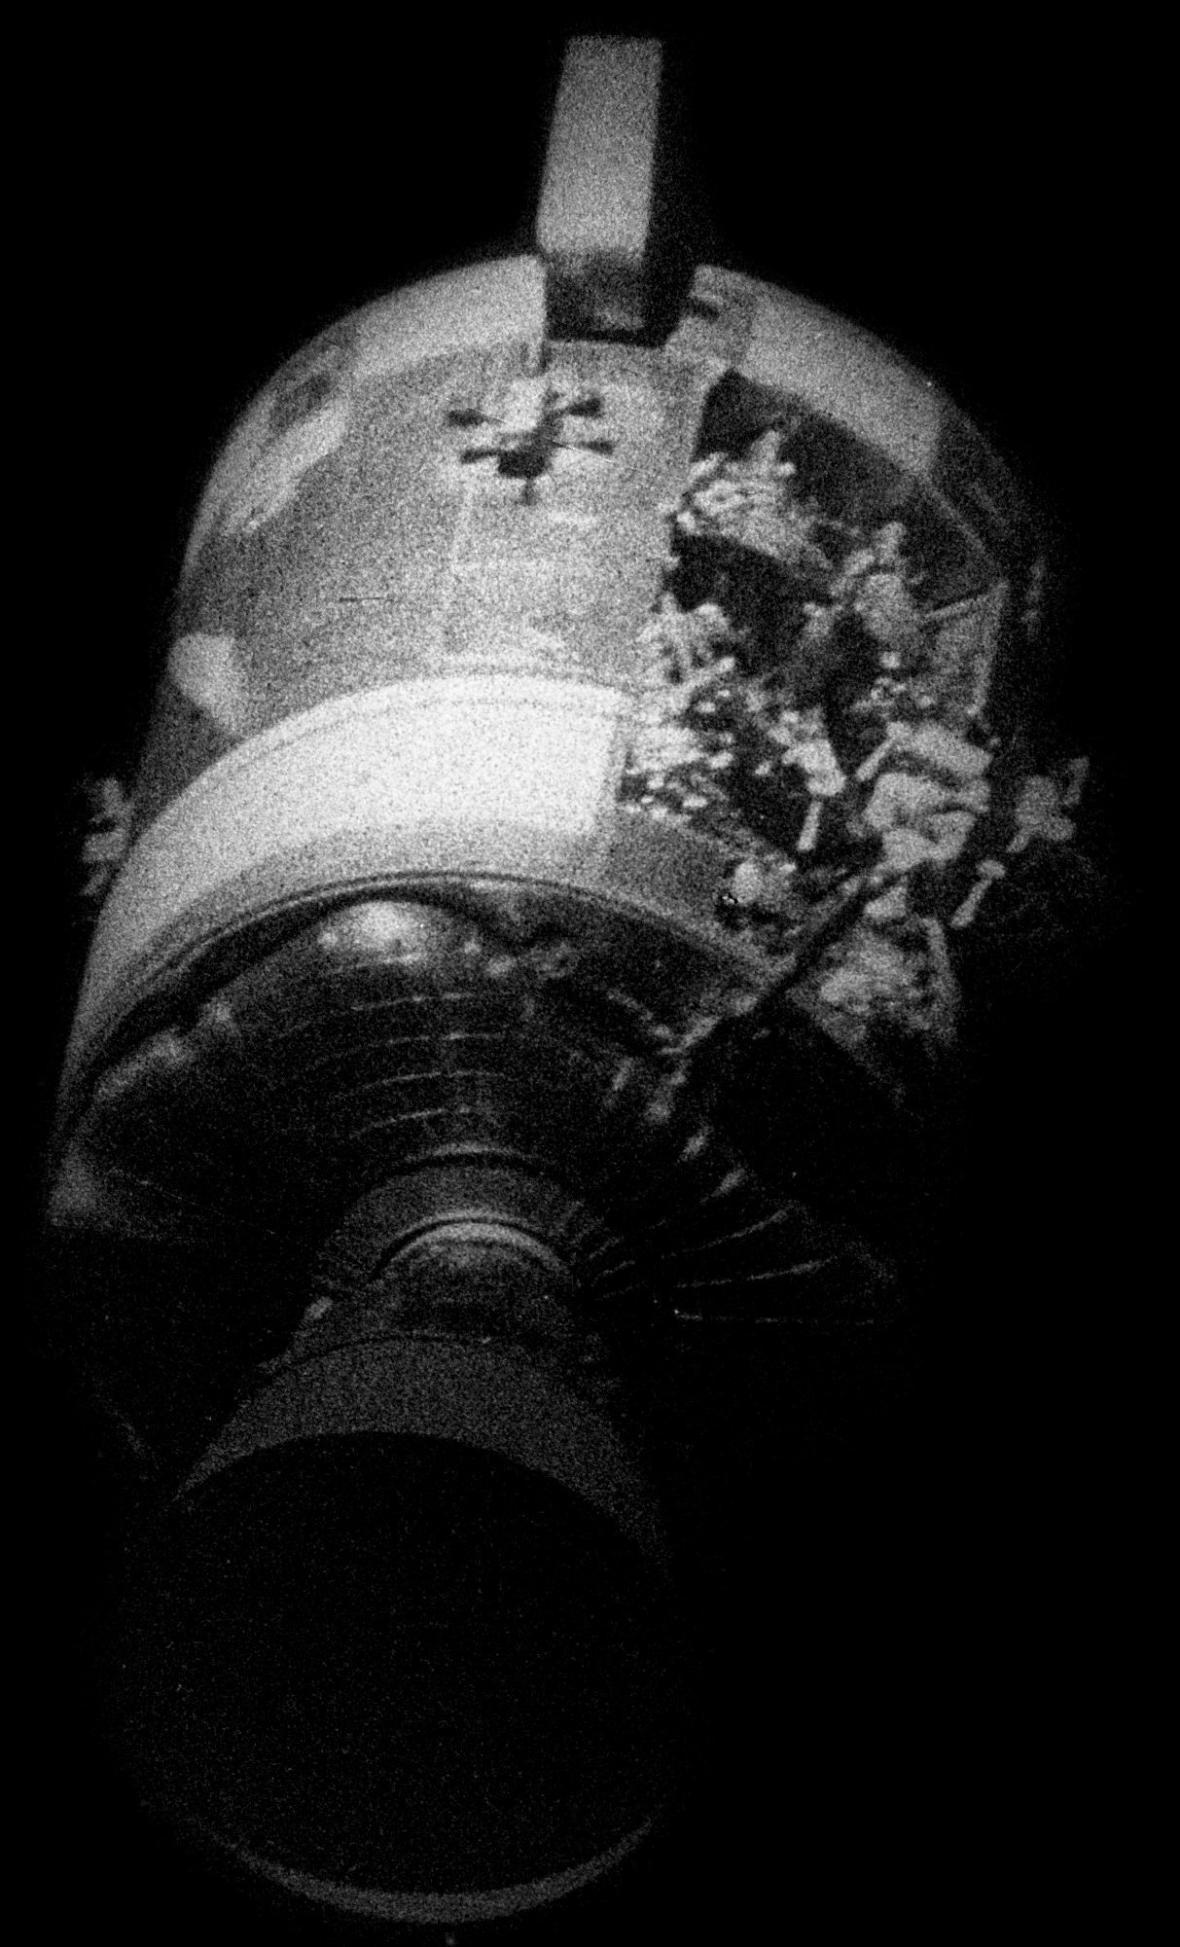 Poškození Apolla 13 po výbuchu